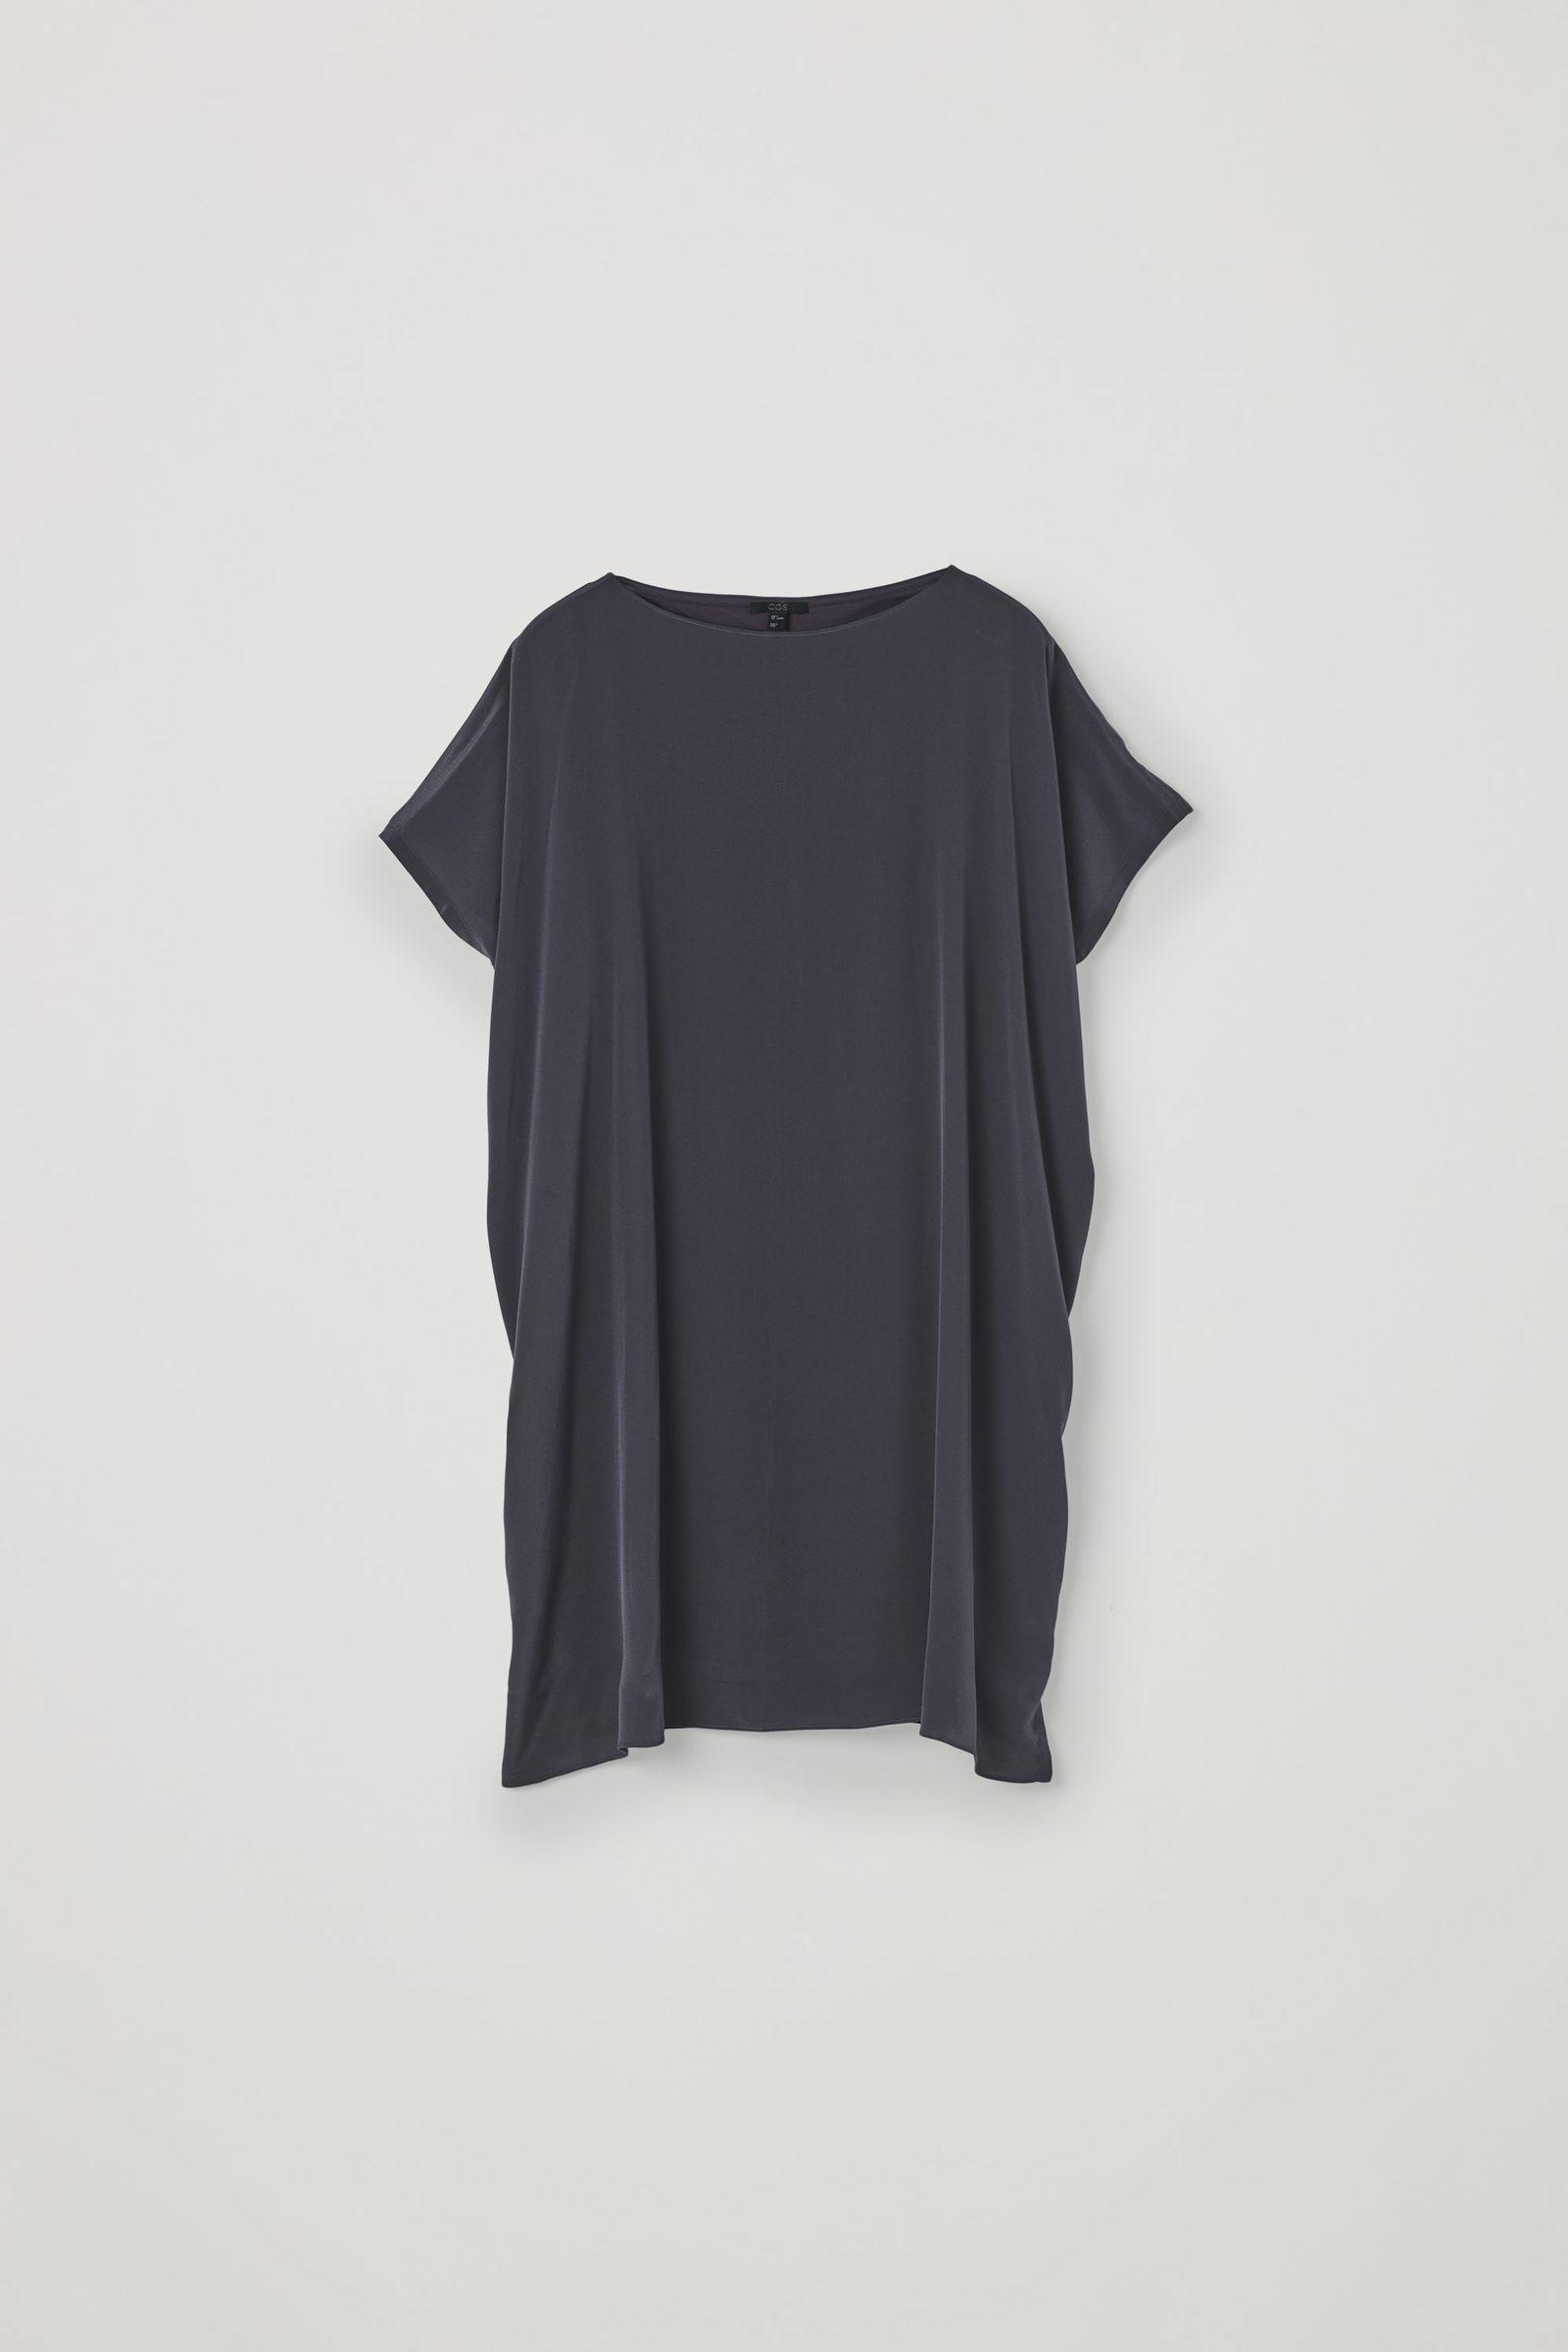 COS 오가닉 코튼 멀버리 실크 릴랙스드 튜닉 드레스의 그레이컬러 Product입니다.